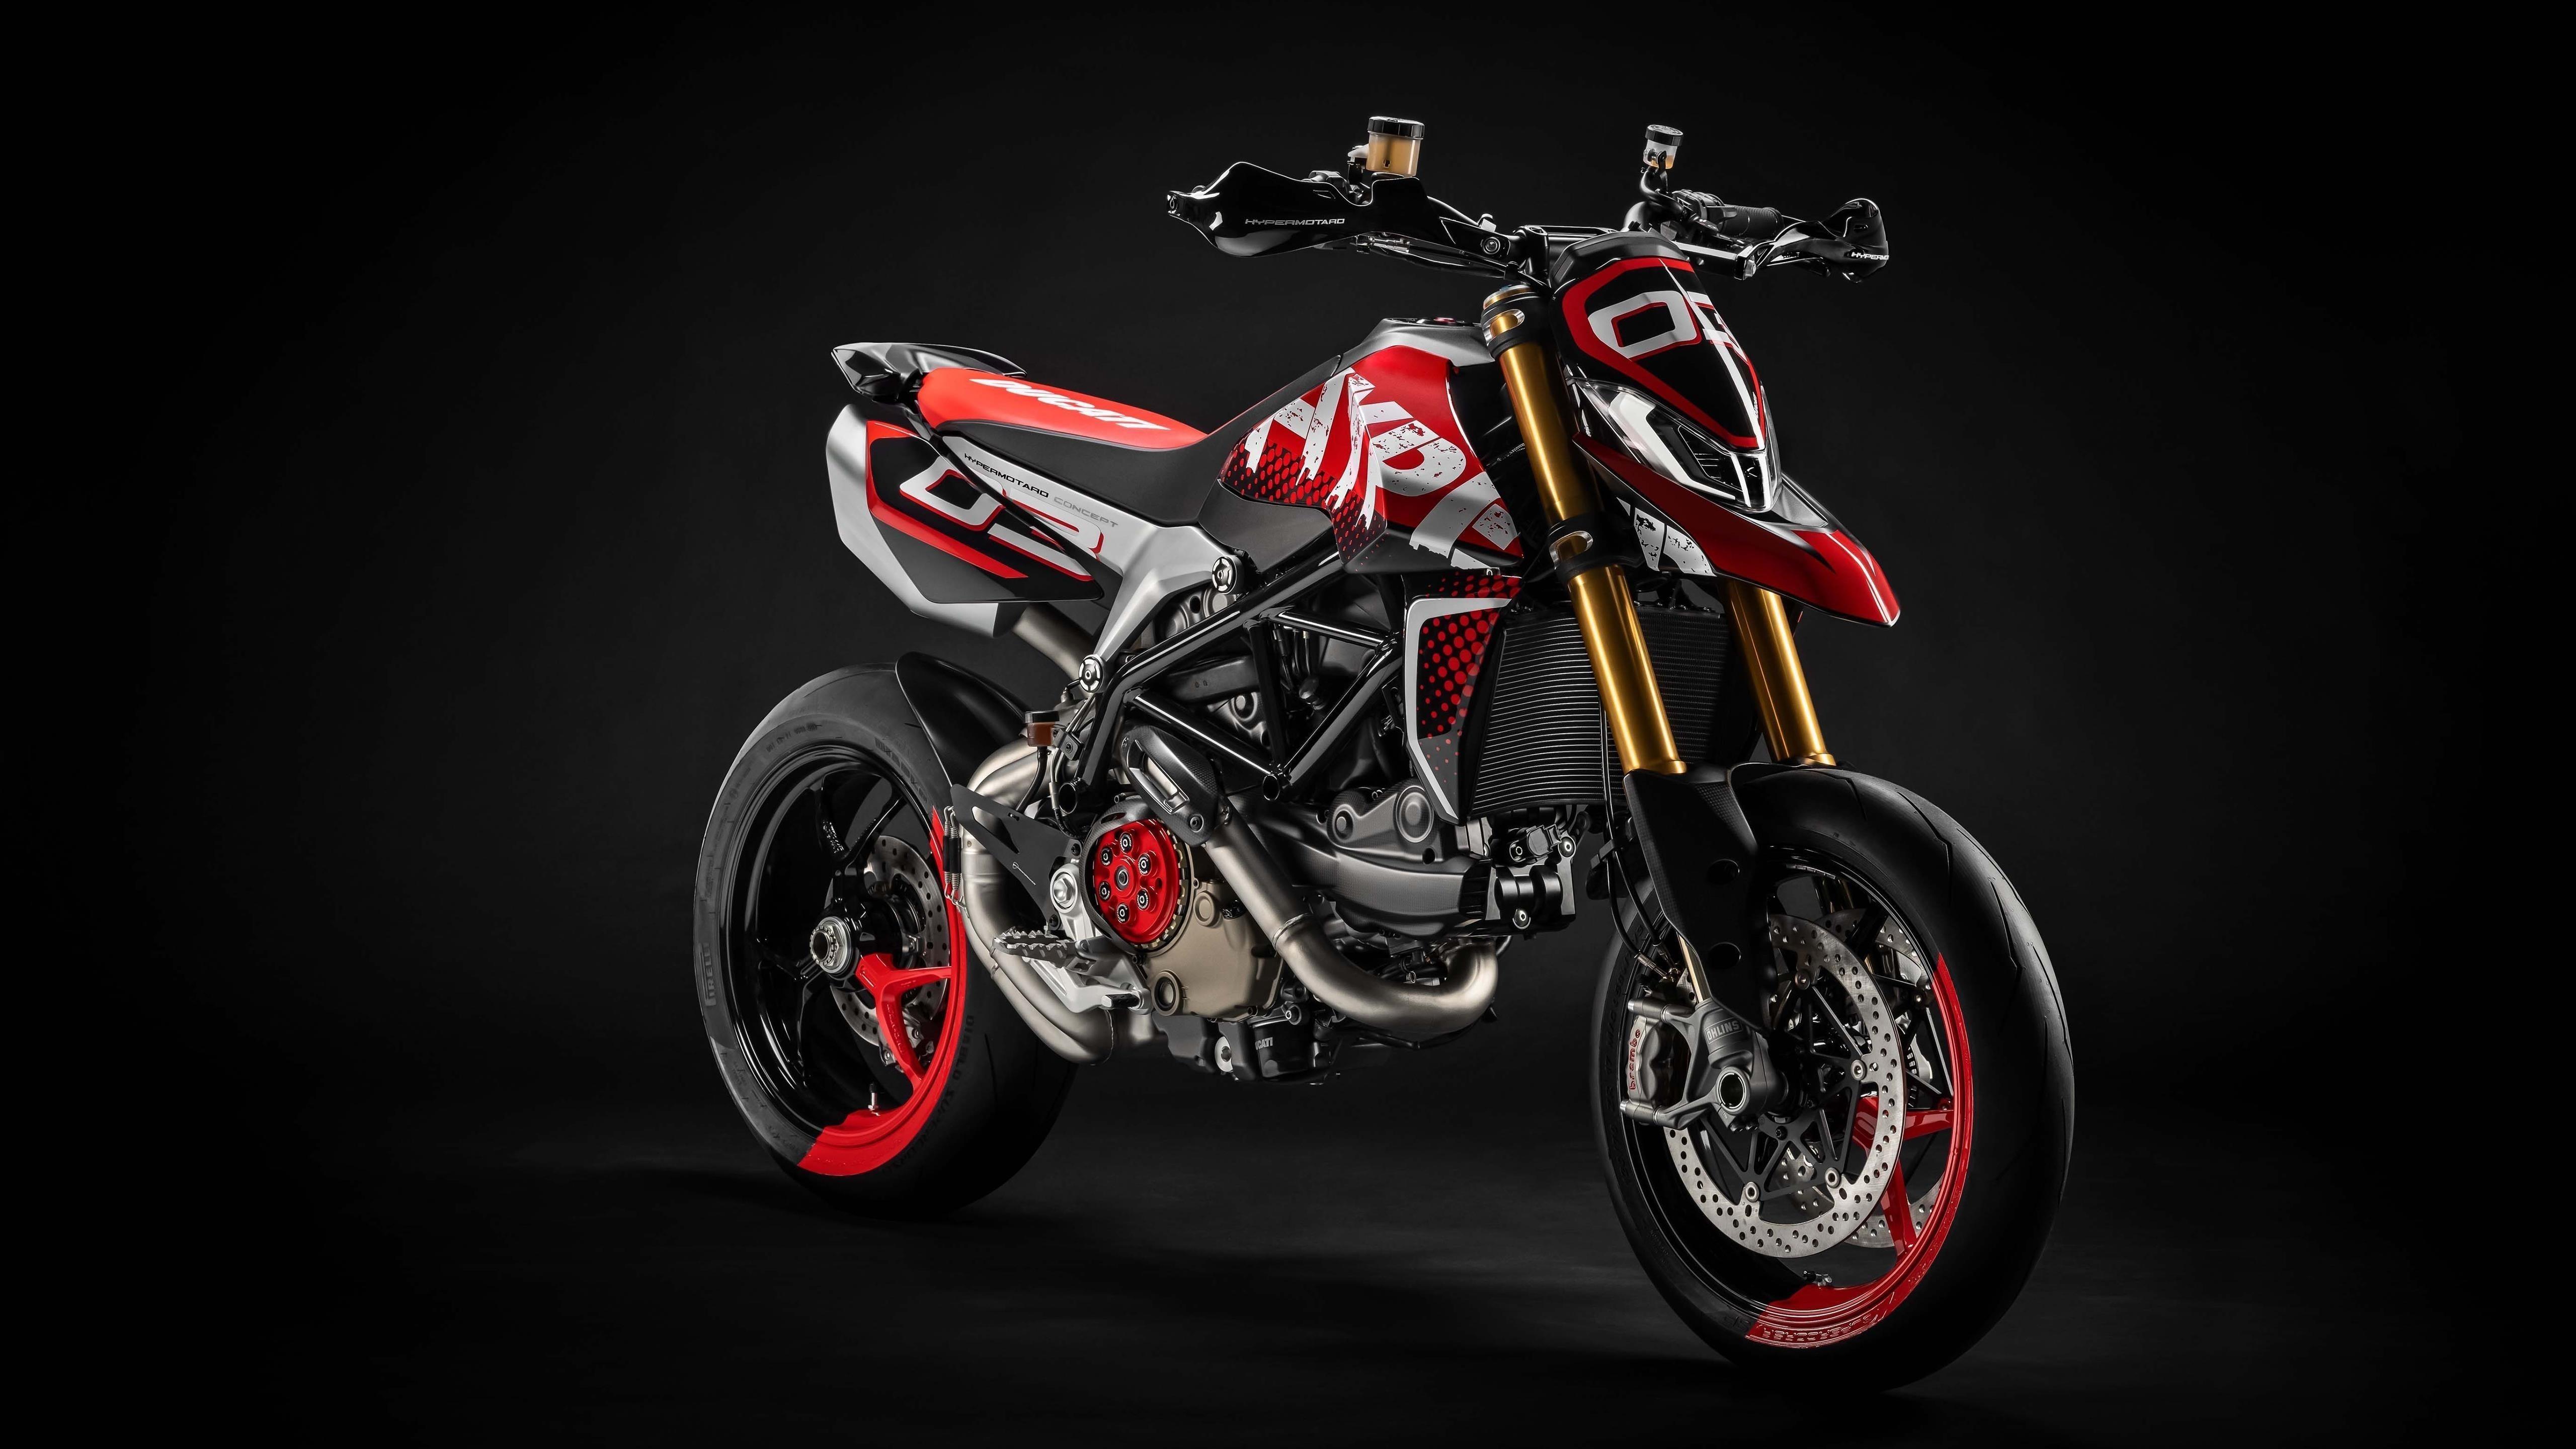 Ducati hypermotard 950 concept 2019 обои скачать